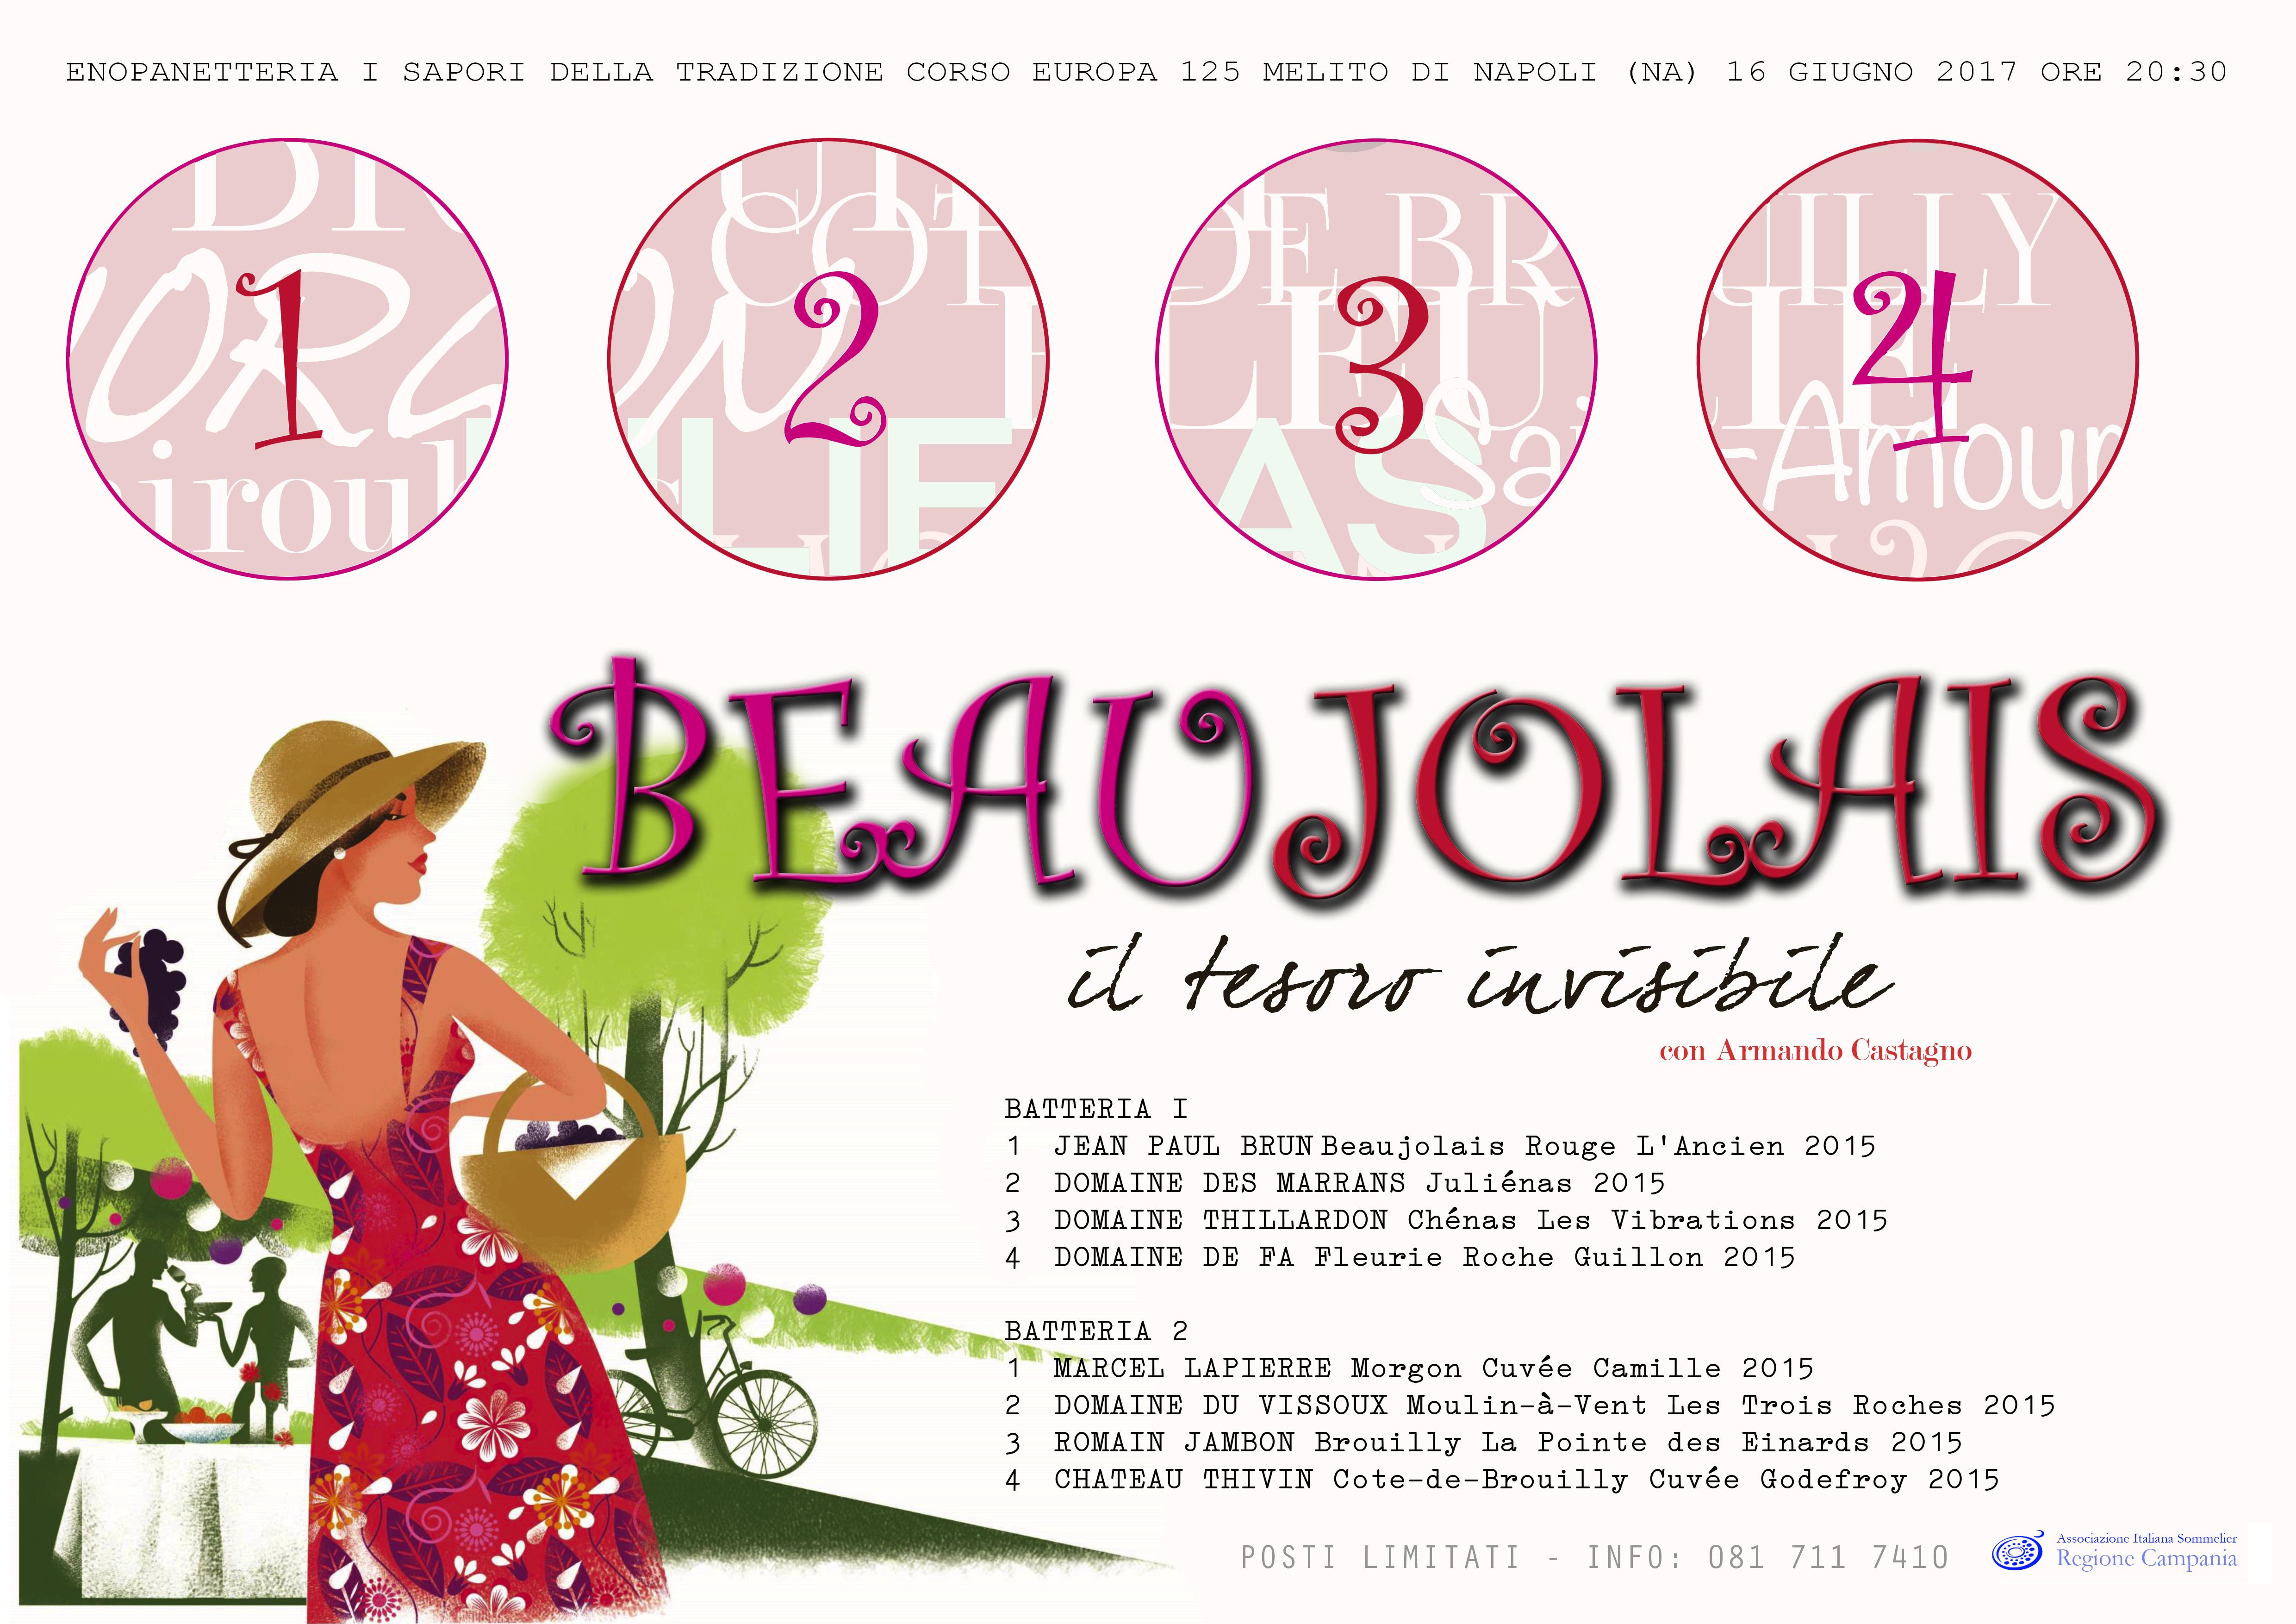 tovaglietta-beaujolais-stefano-copia